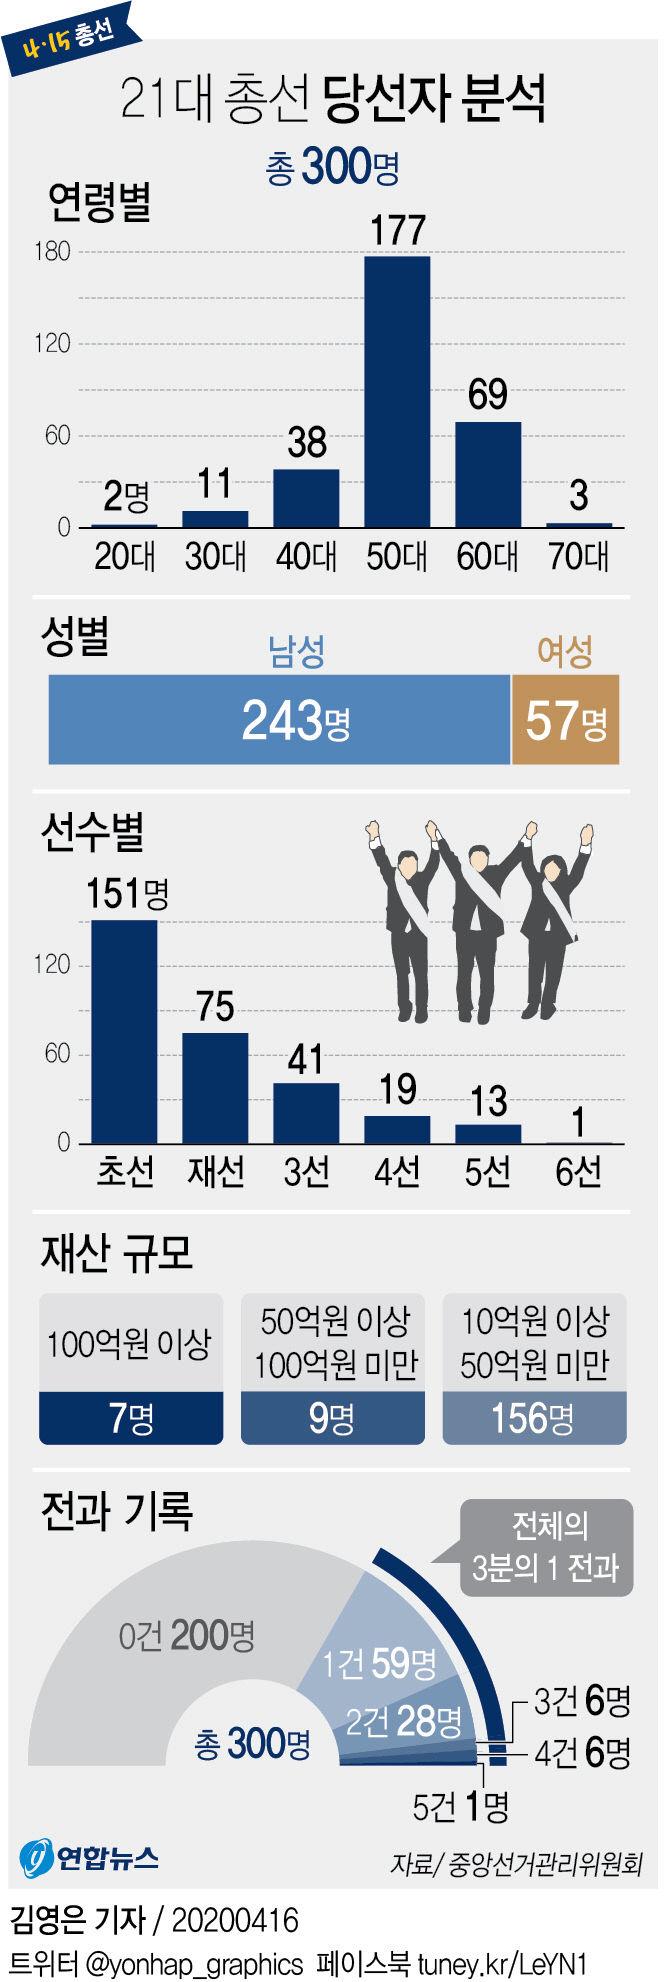 21대 총선 당선자 분석(종합)